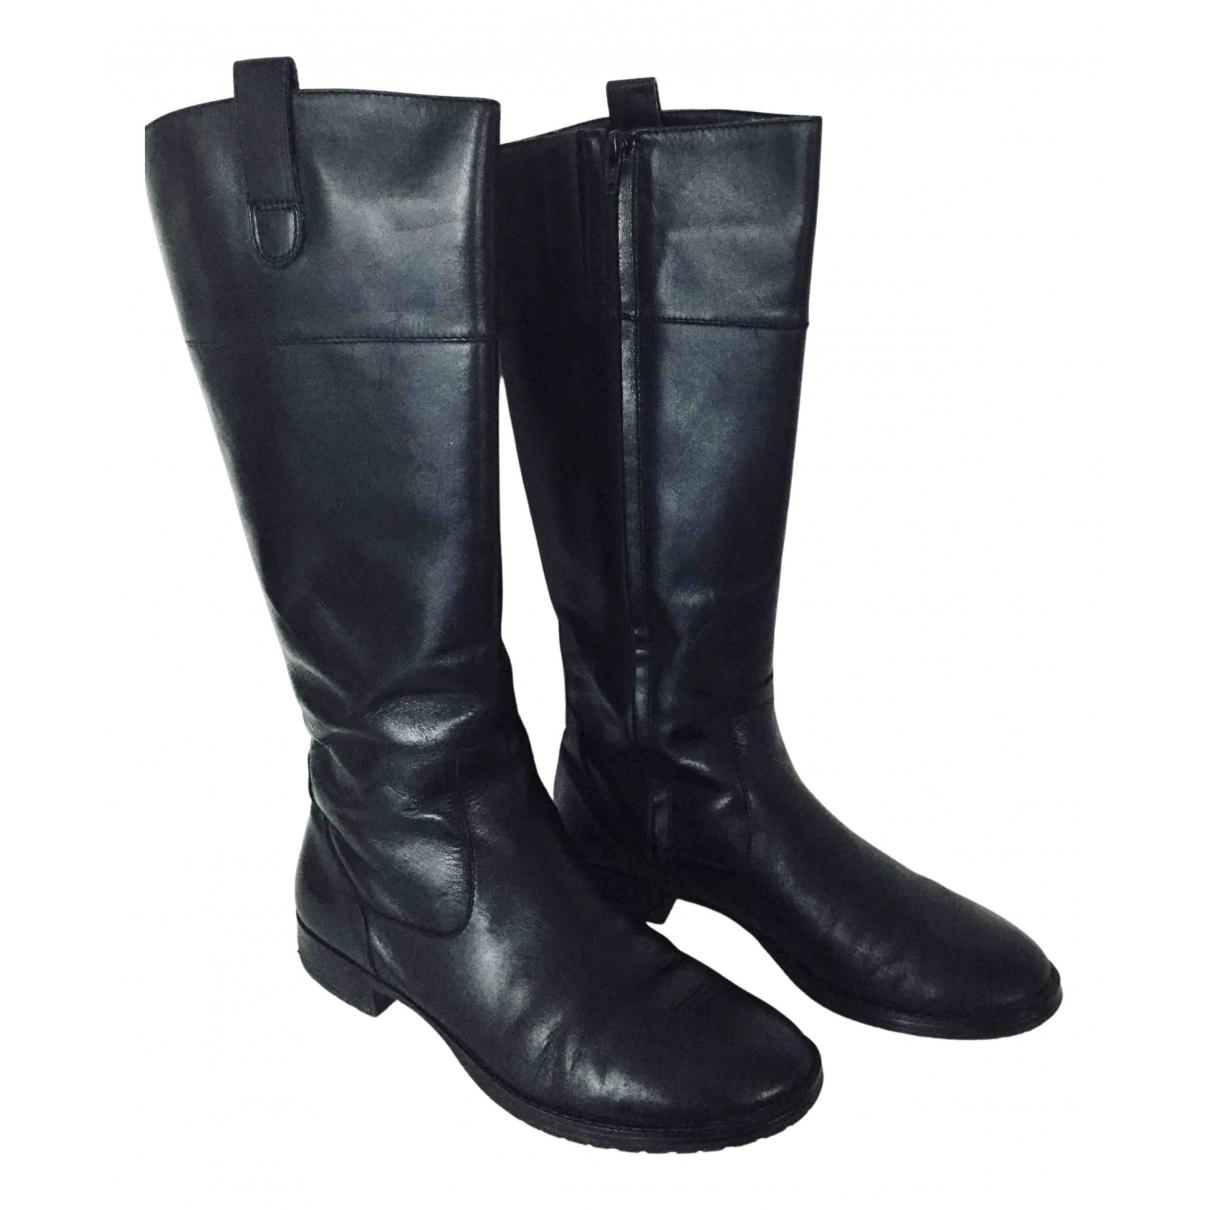 Lauren Ralph Lauren N Black Leather Boots for Women 8 US